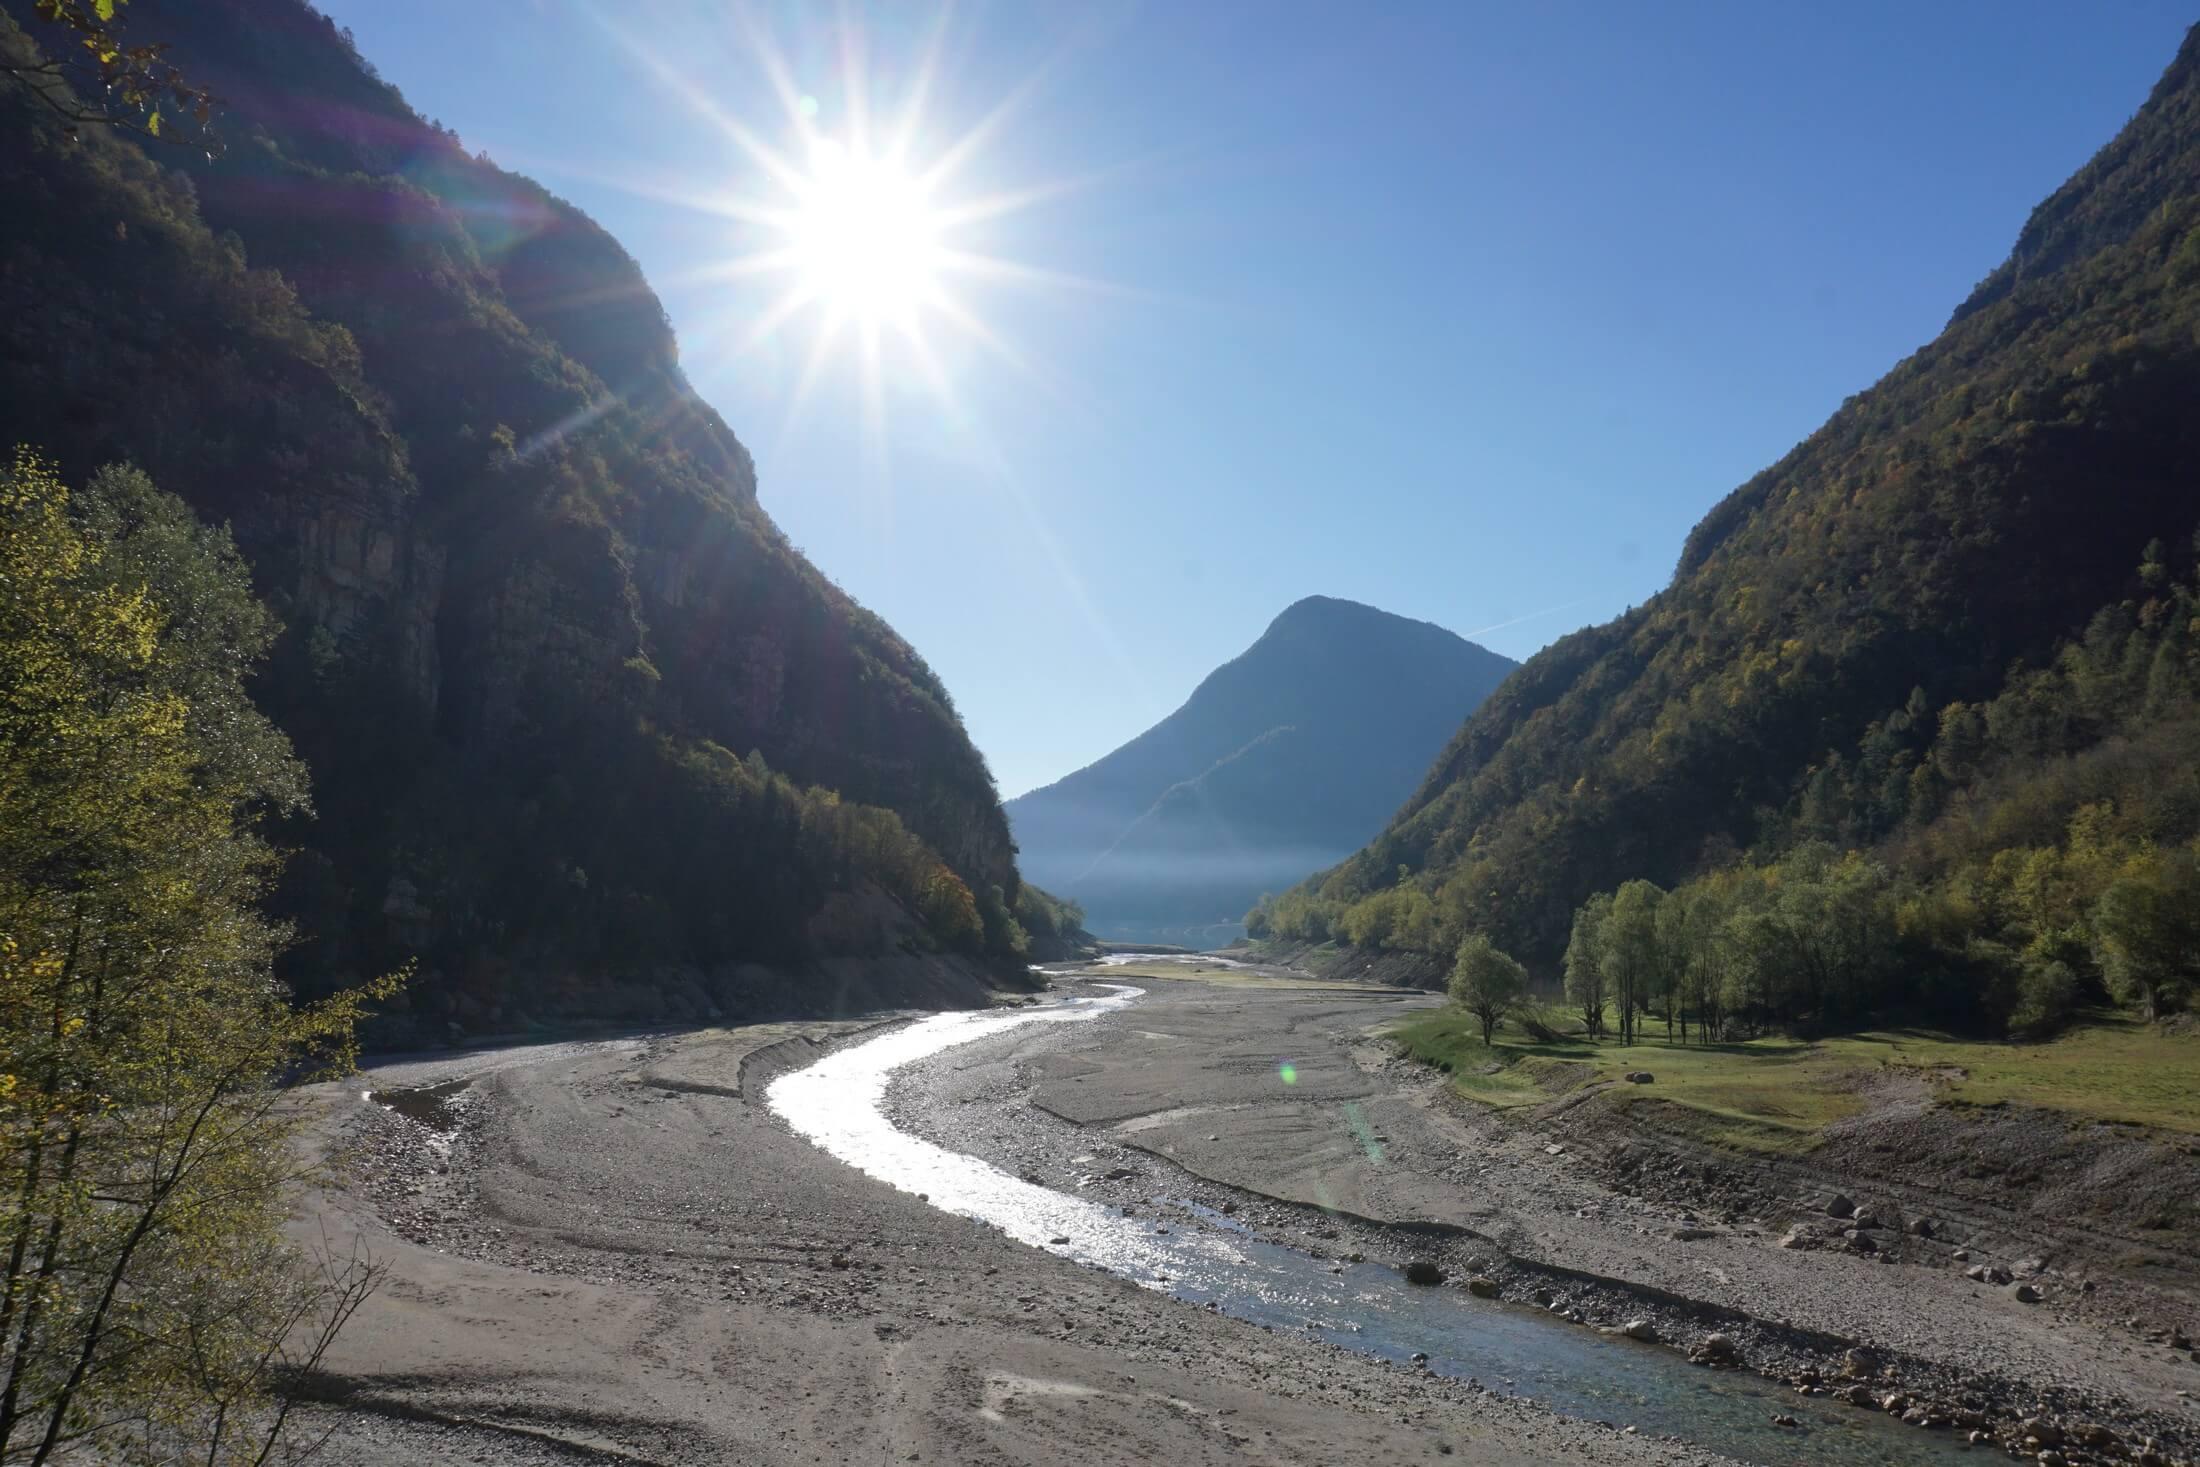 Valle del mis lago vuoto dolomiti review for Cabine del lago vuoto